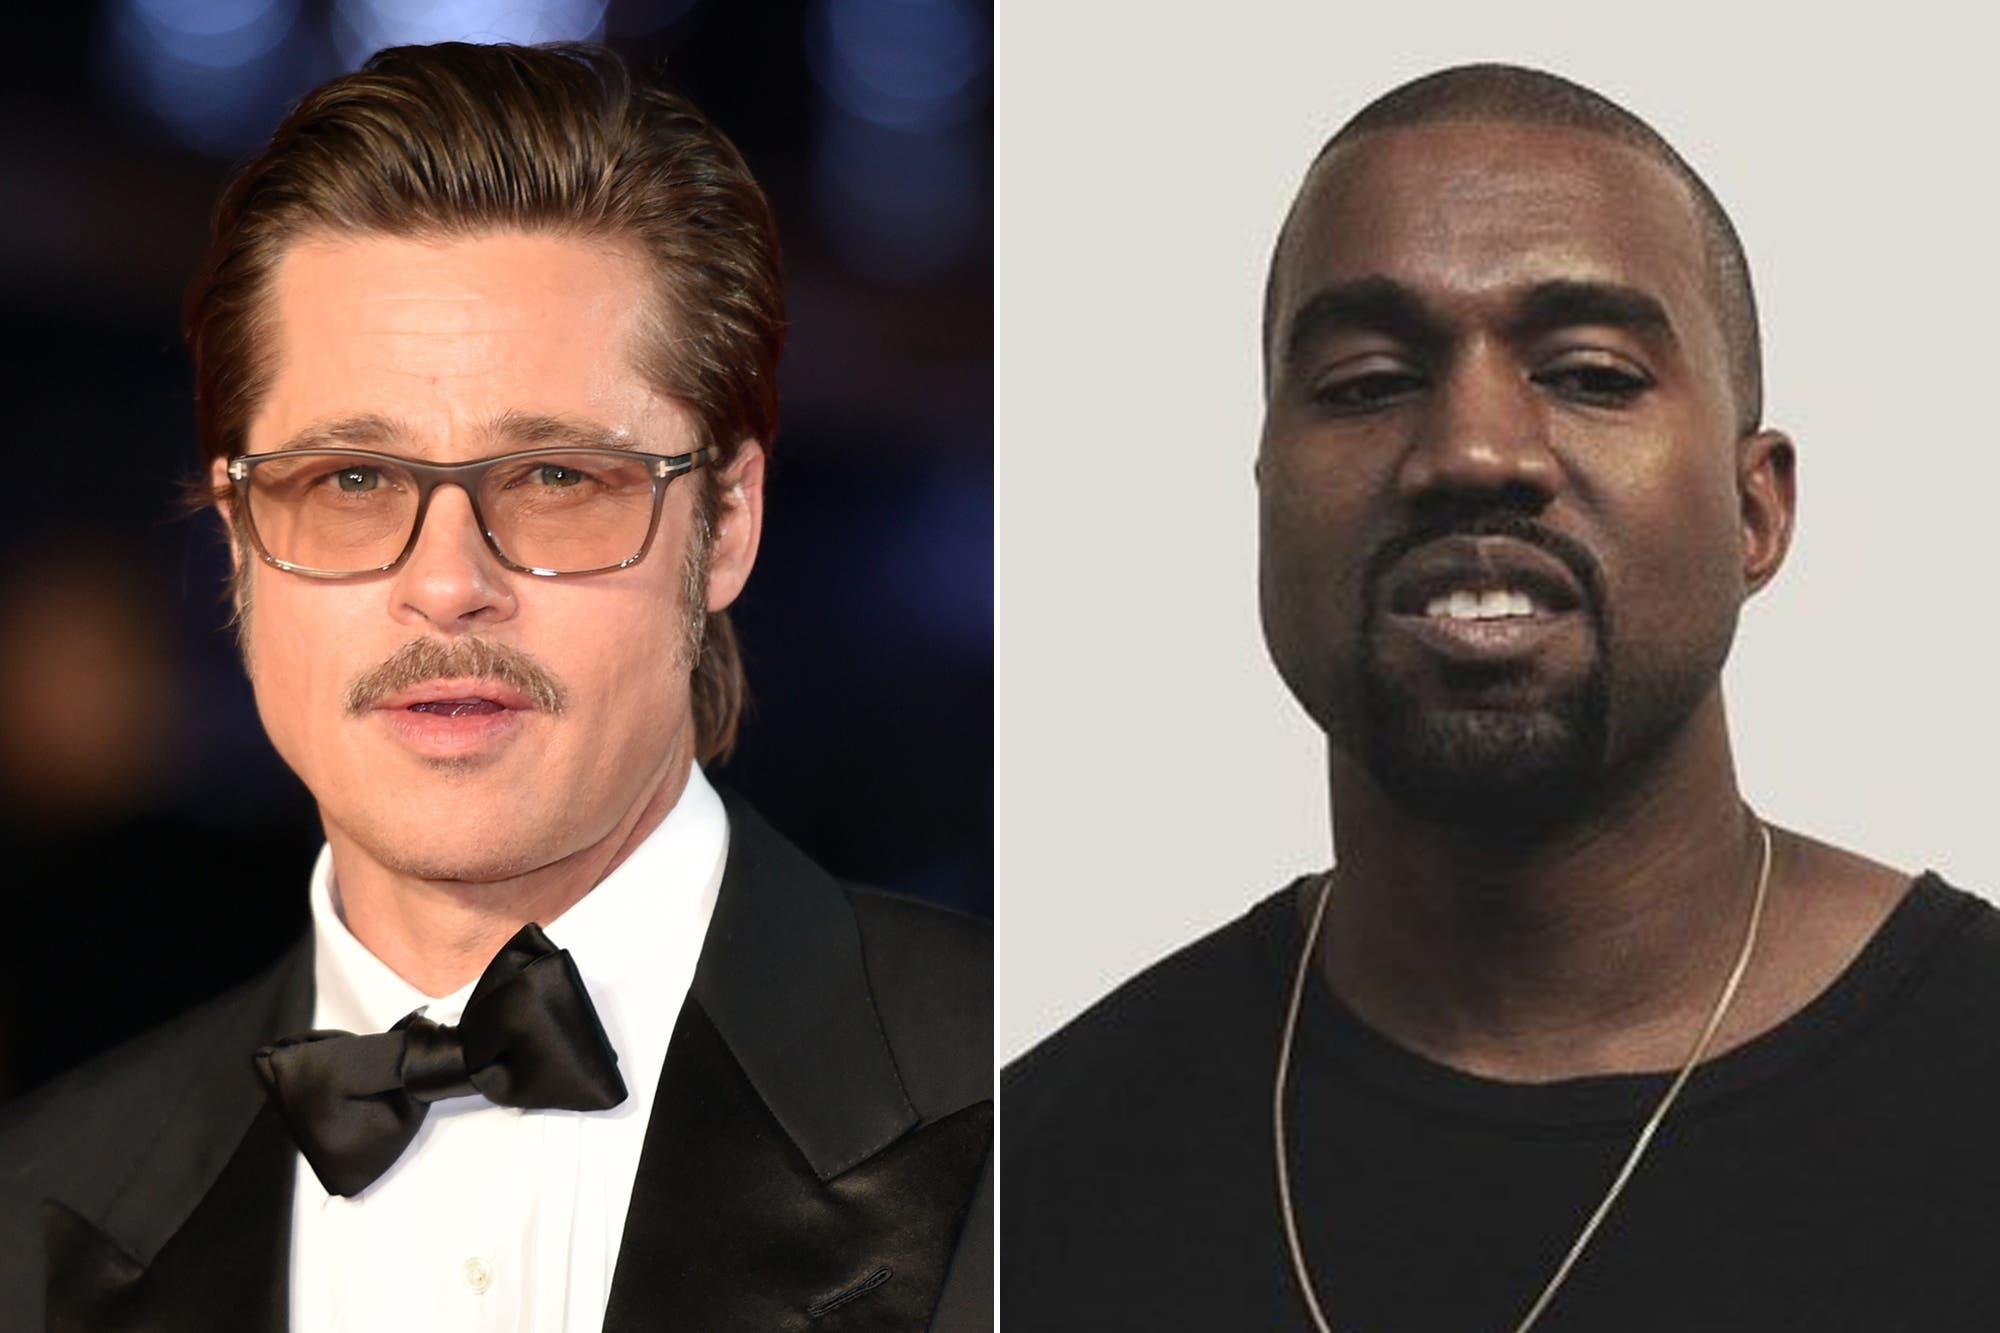 La amistad menos pensada: los motivos de la estrecha unión entre Brad Pitt y Kanye West